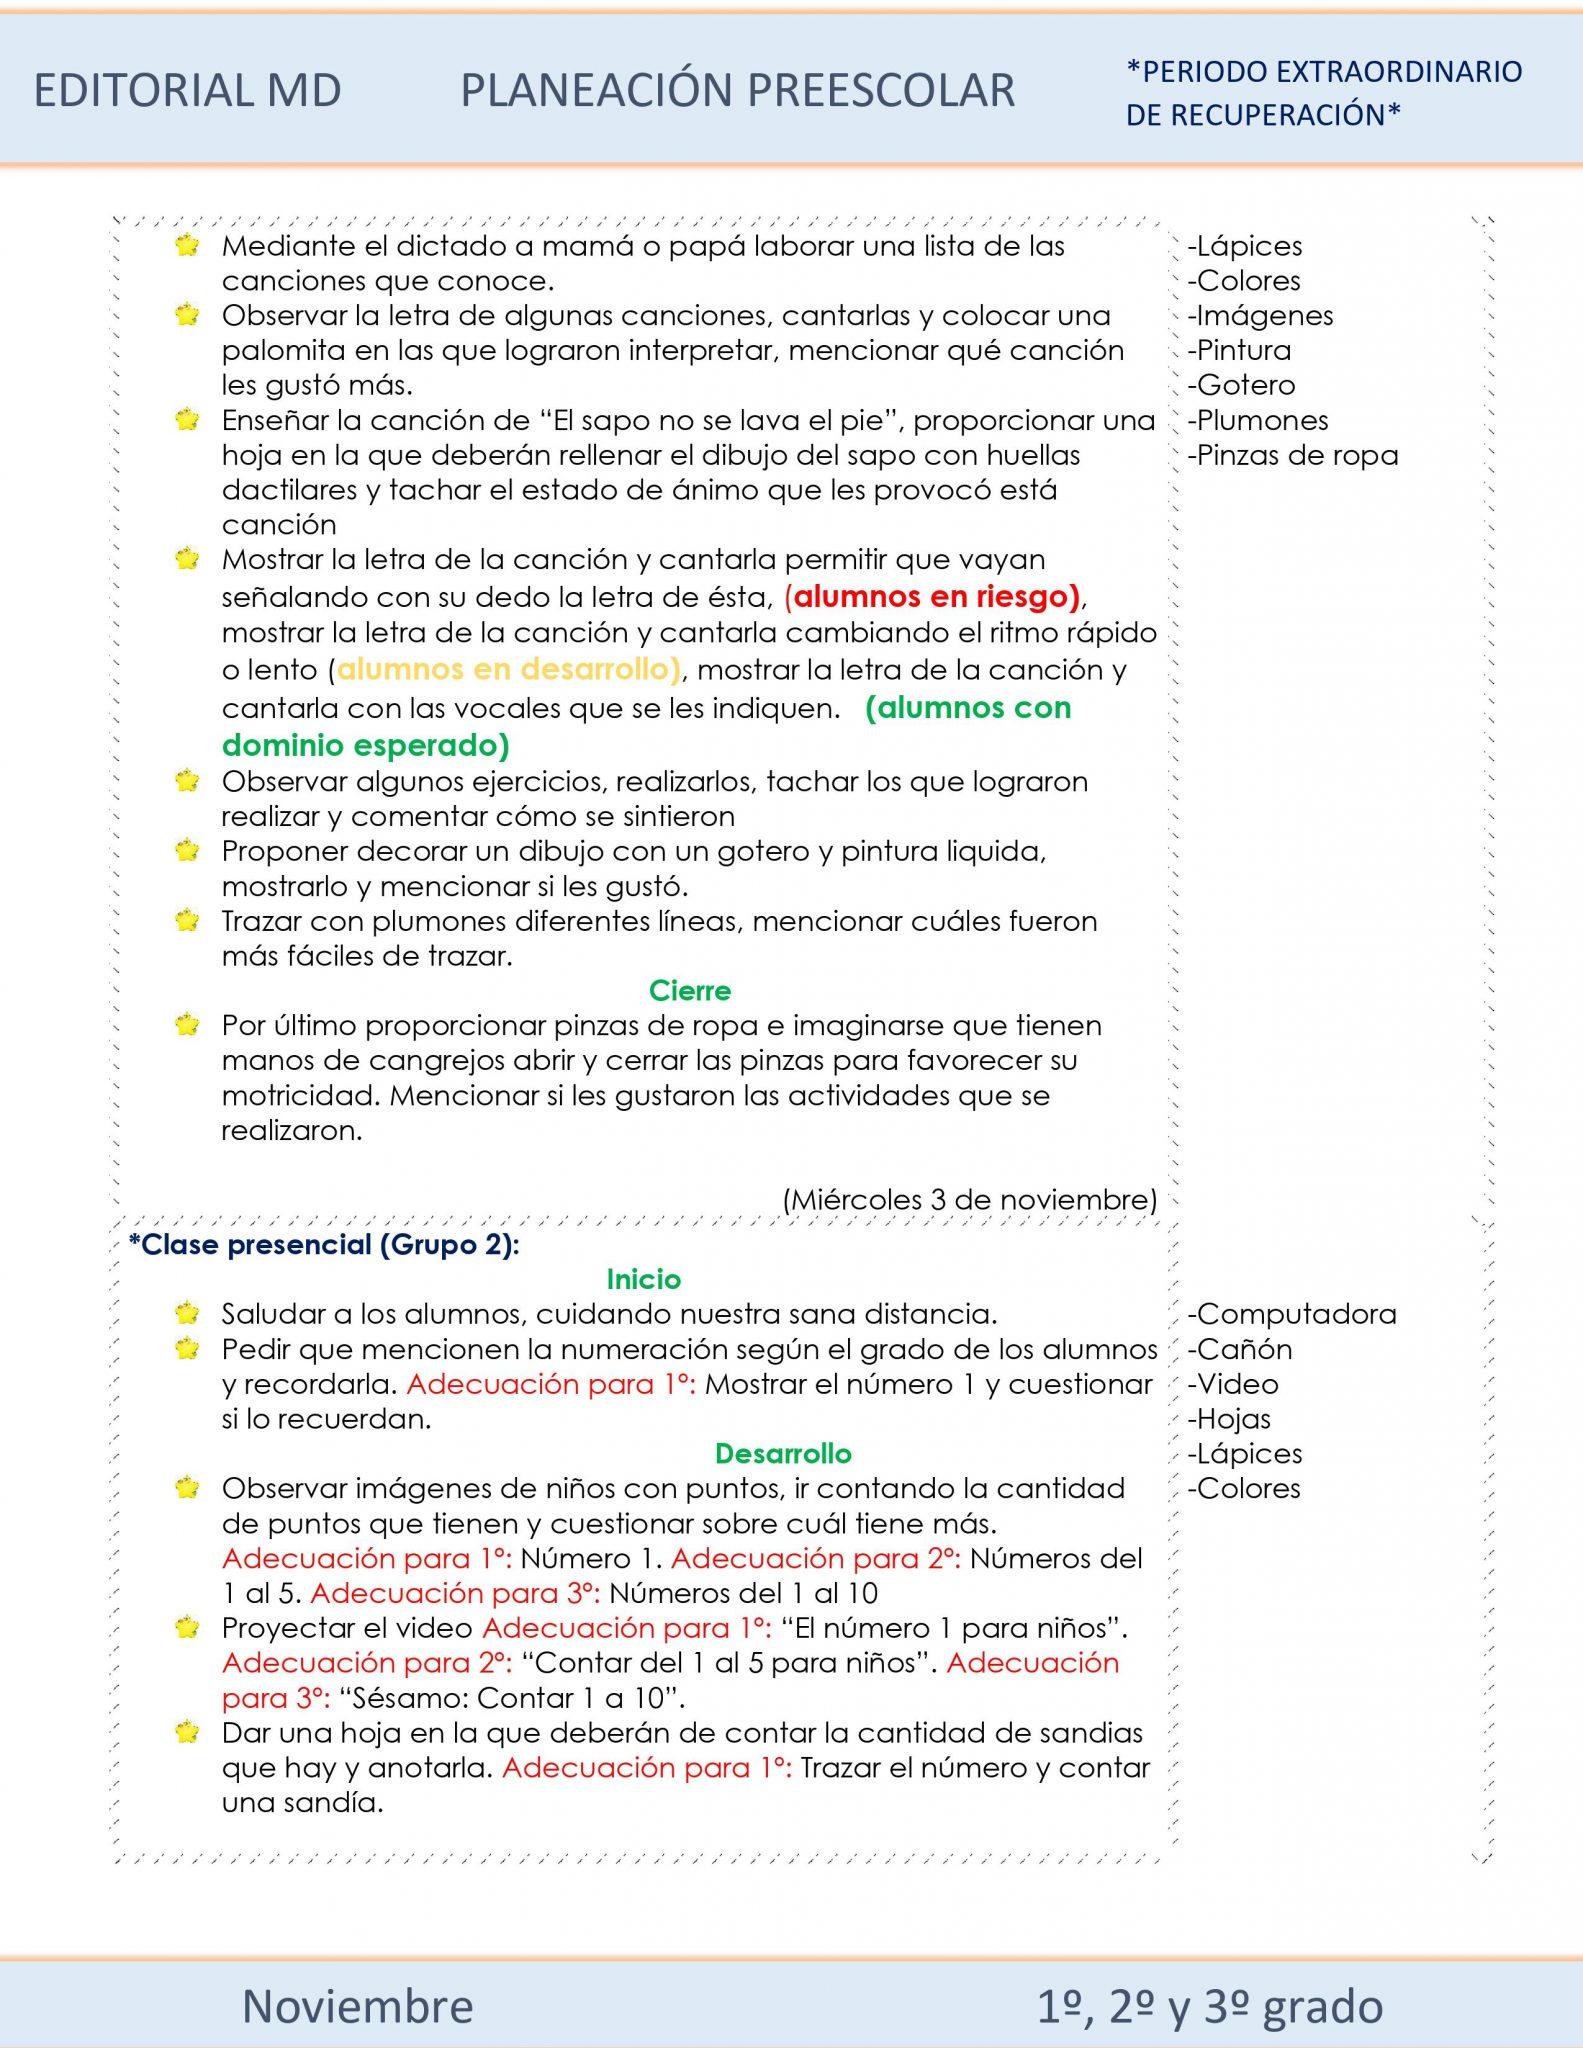 Planeación de preescolar híbrida (Noviembre) 03